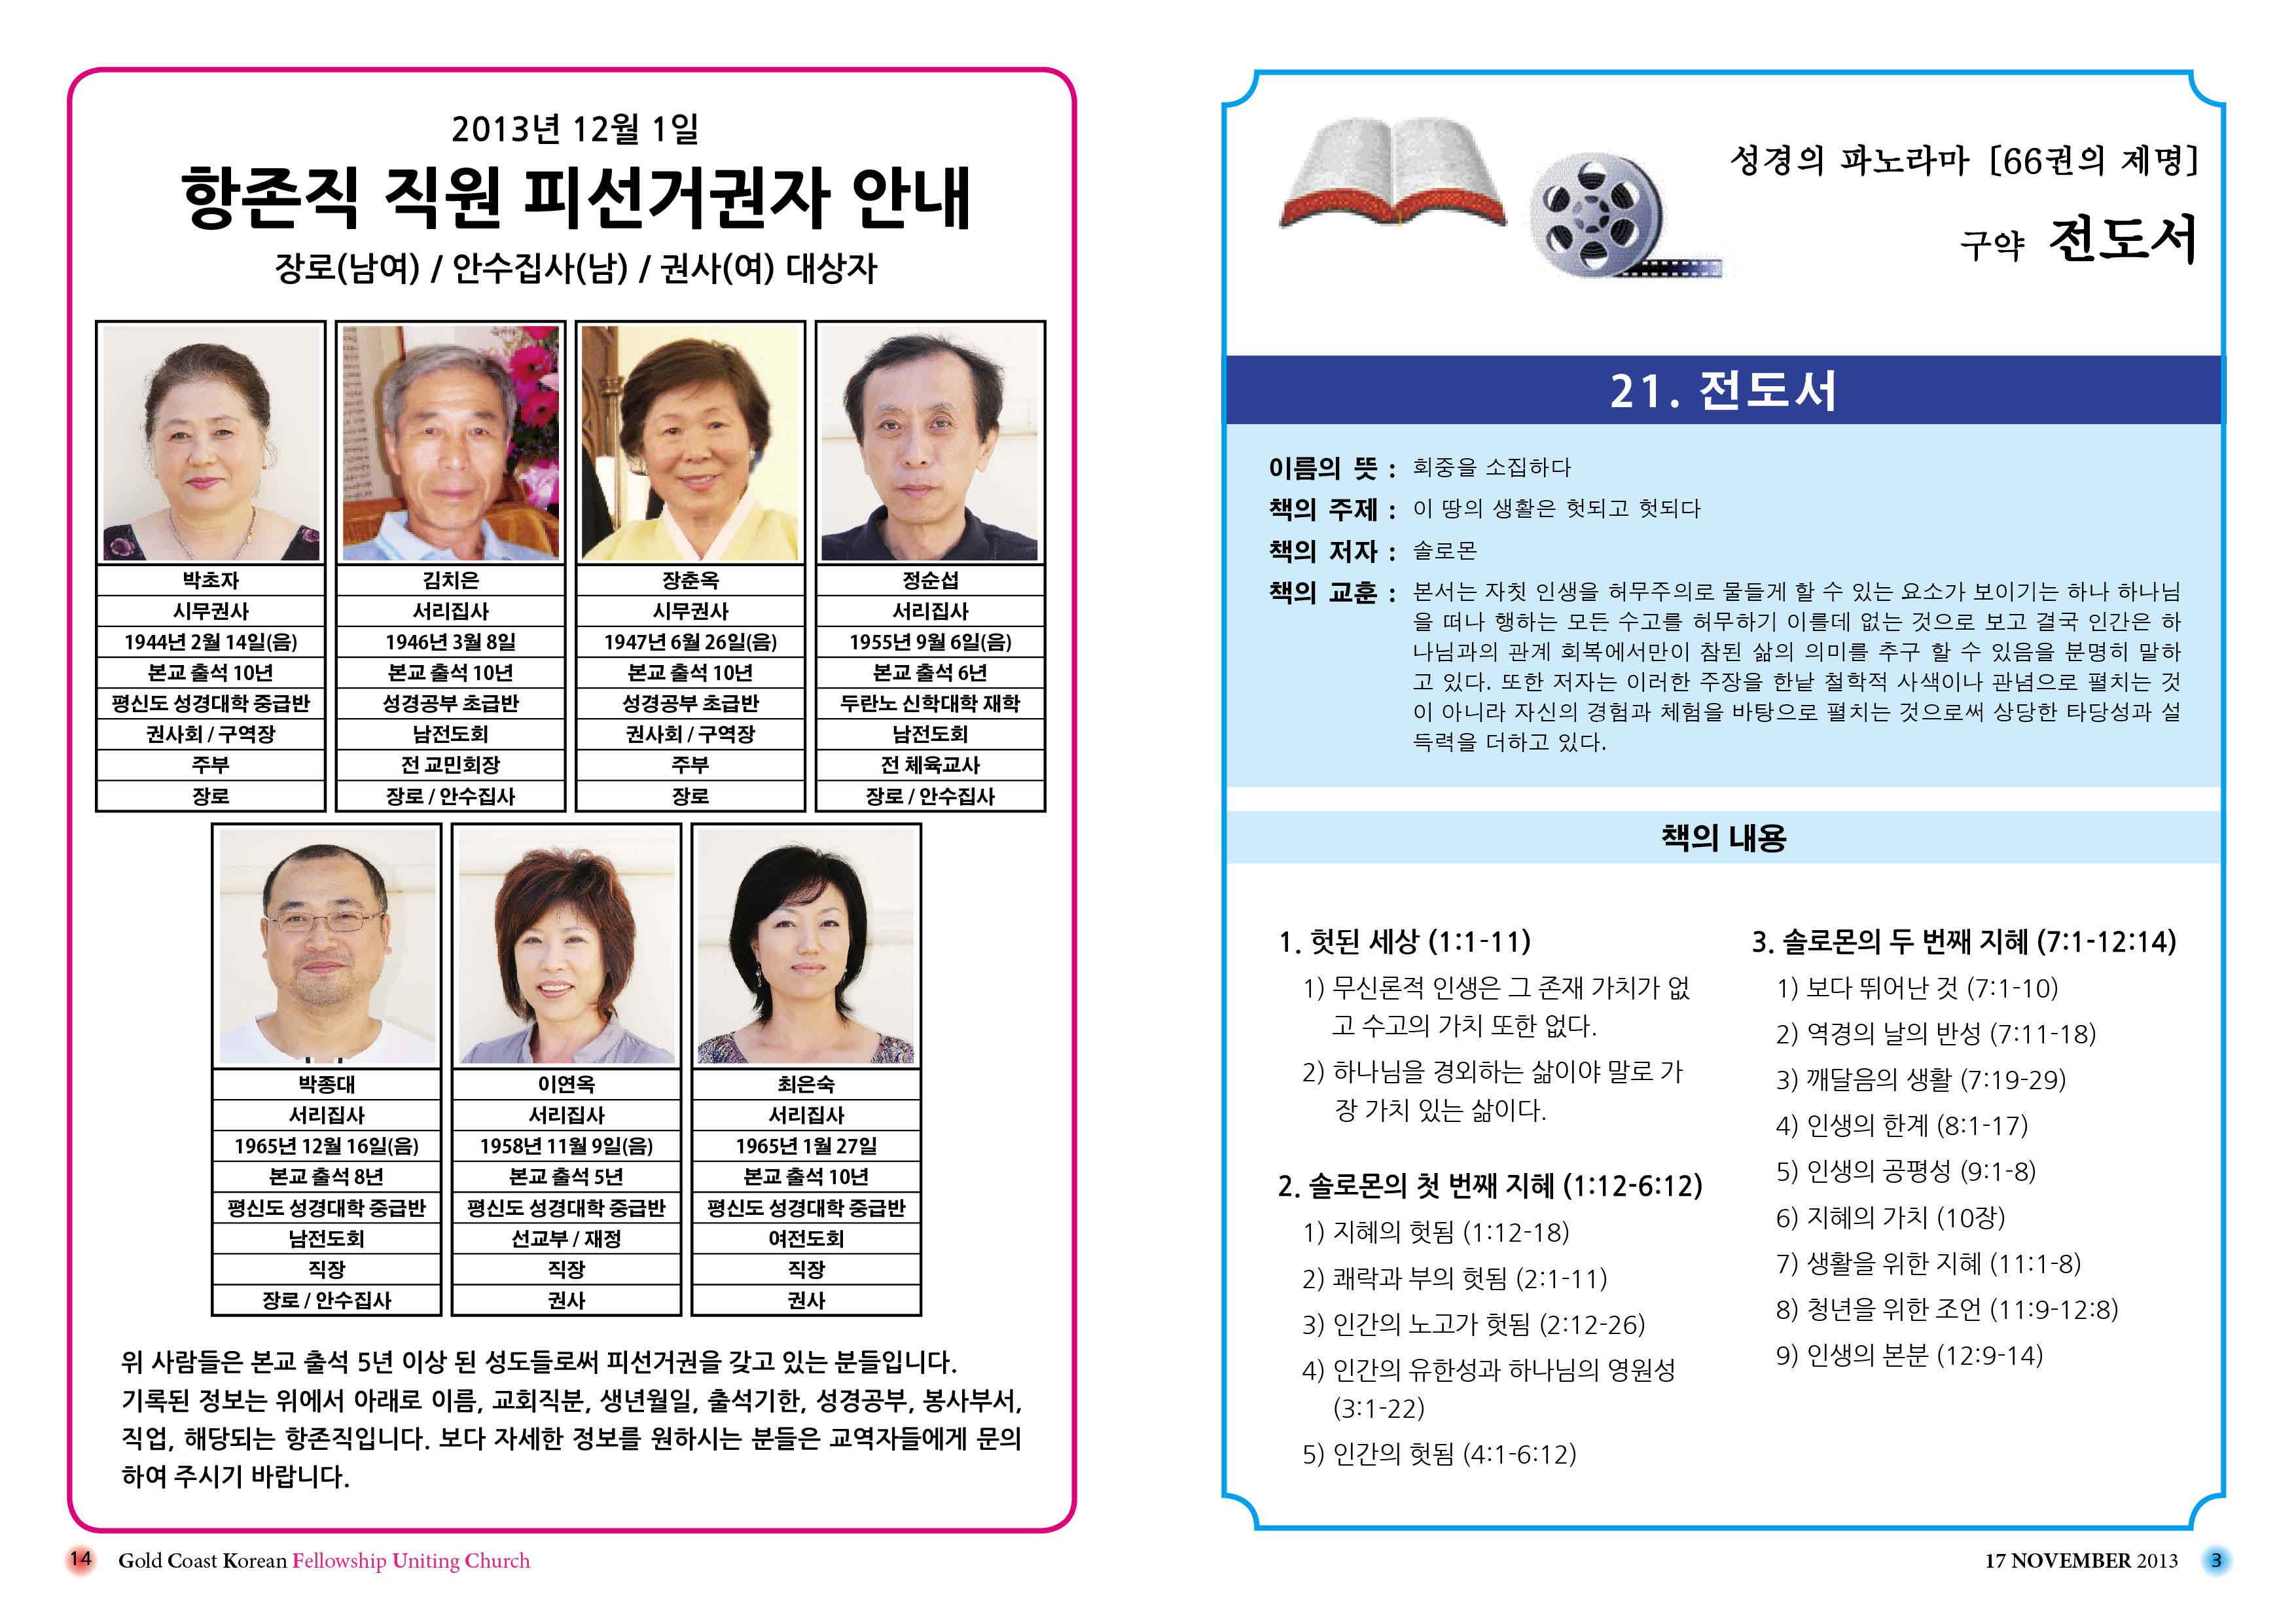 2013.11.10 주보(3차 수정)3.jpg